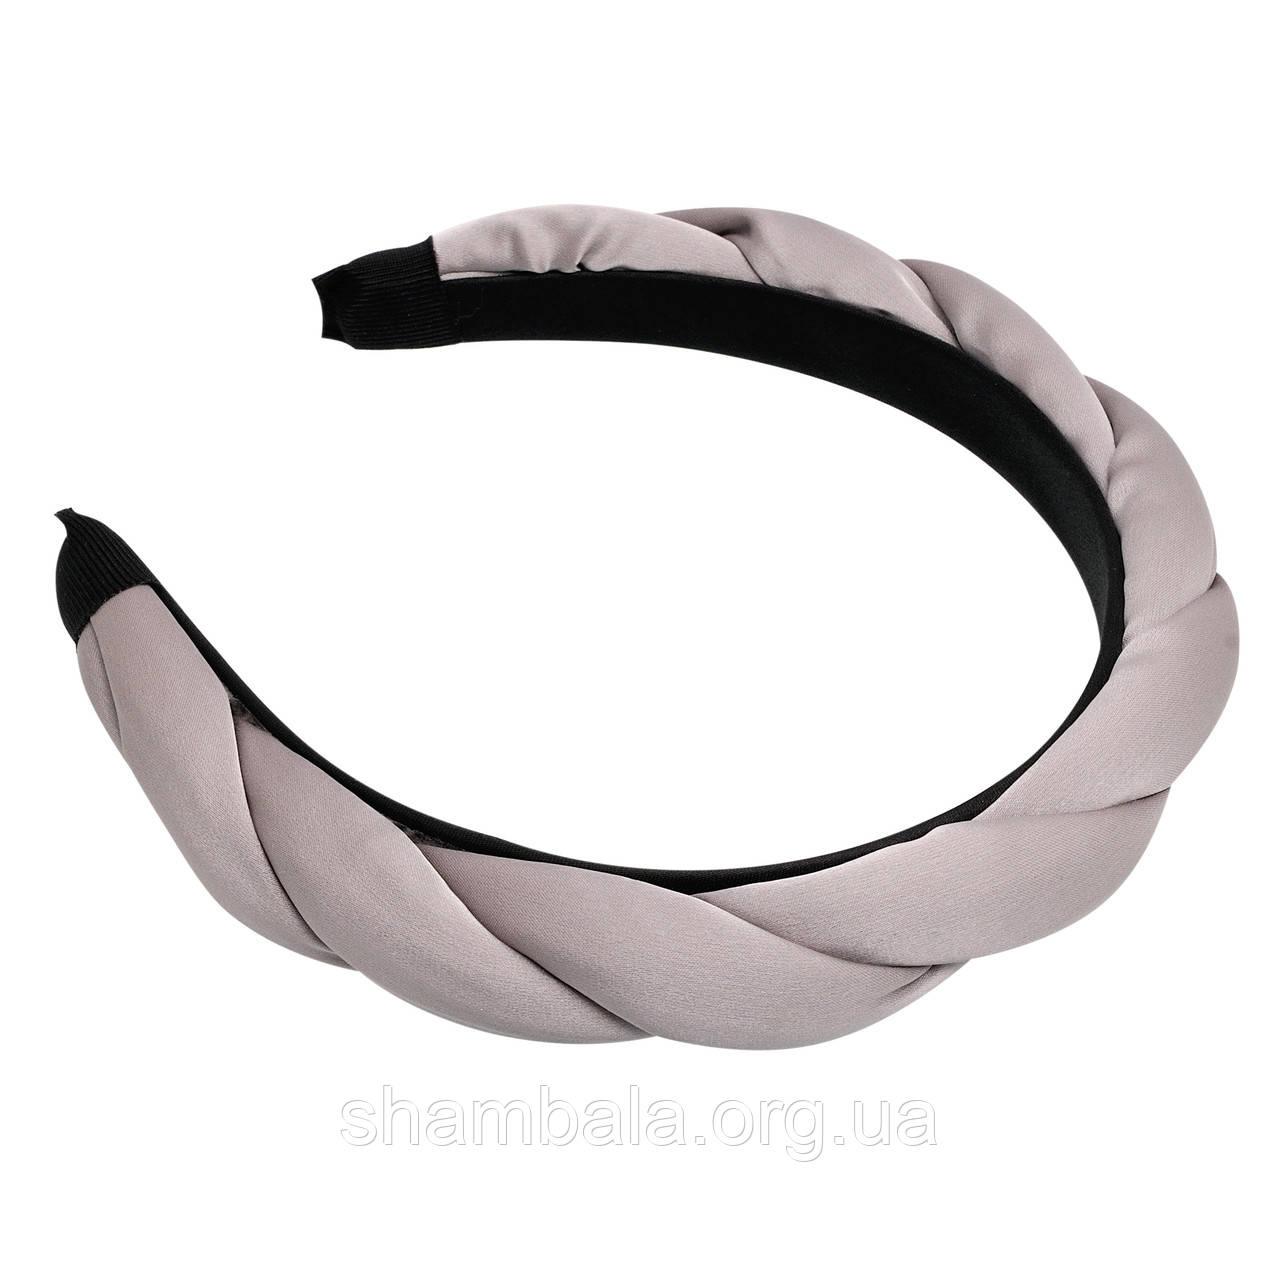 """Обруч для волос """"Braid hoop gray"""" (077468)"""